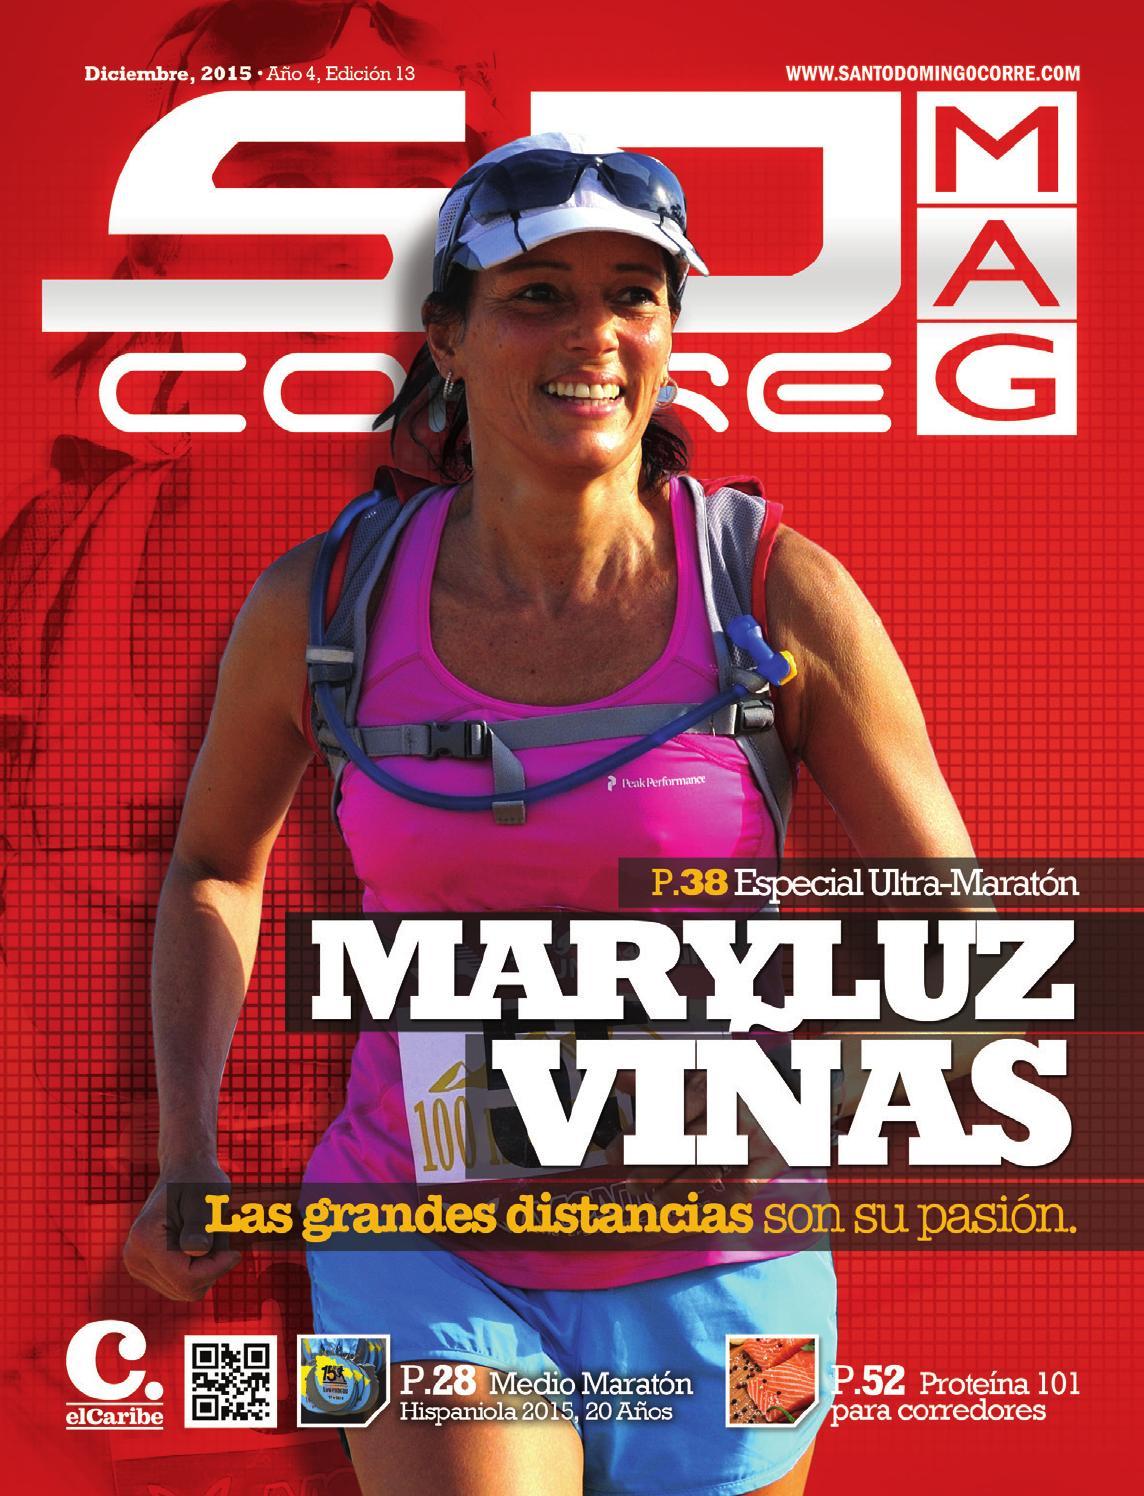 SDCorre MAG 13va. Edición by Santo Domingo Corre, SRL - issuu